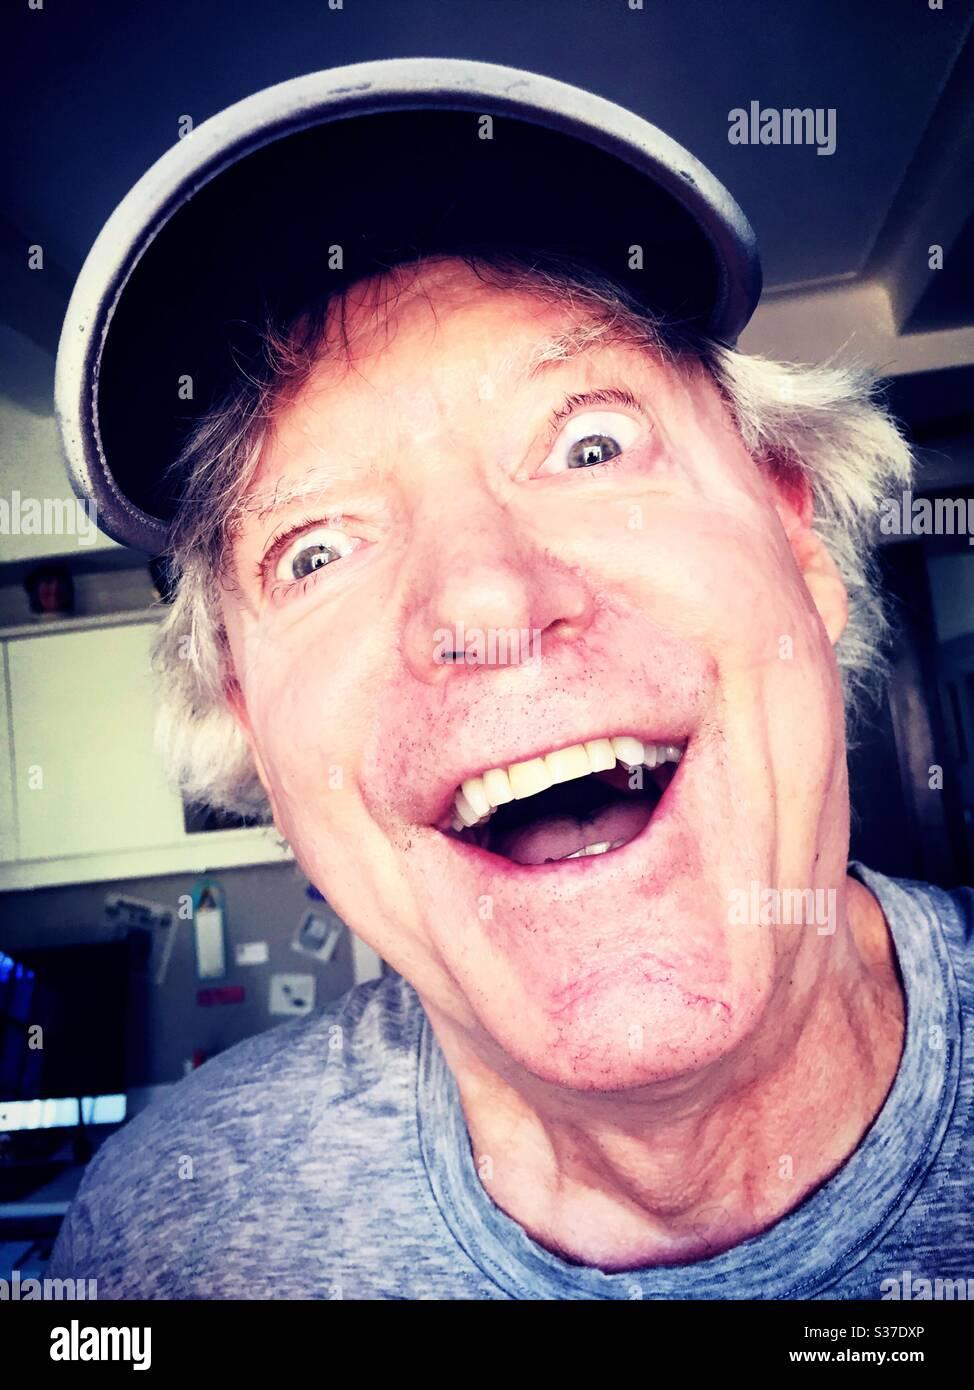 Primer plano de hombre caucásico sonriente goofy en necesidad de un corte de pelo, EE.UU Foto de stock